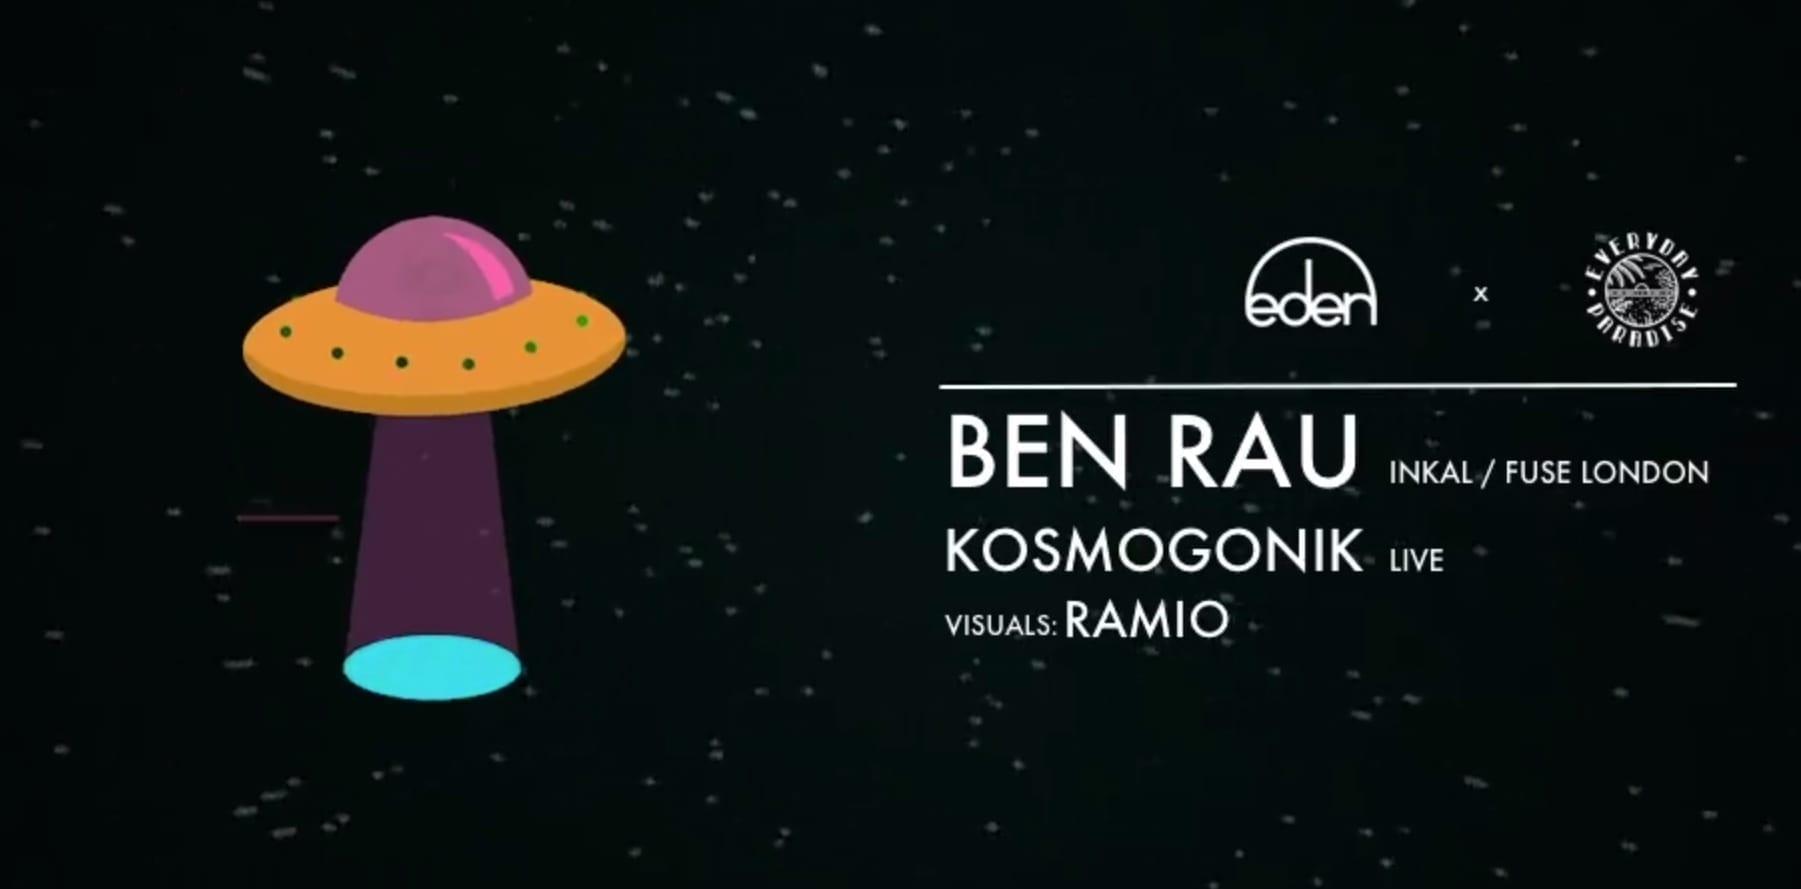 Ben Rau (Inkal, Fuse) & Kosmogonik Live [at] Eden